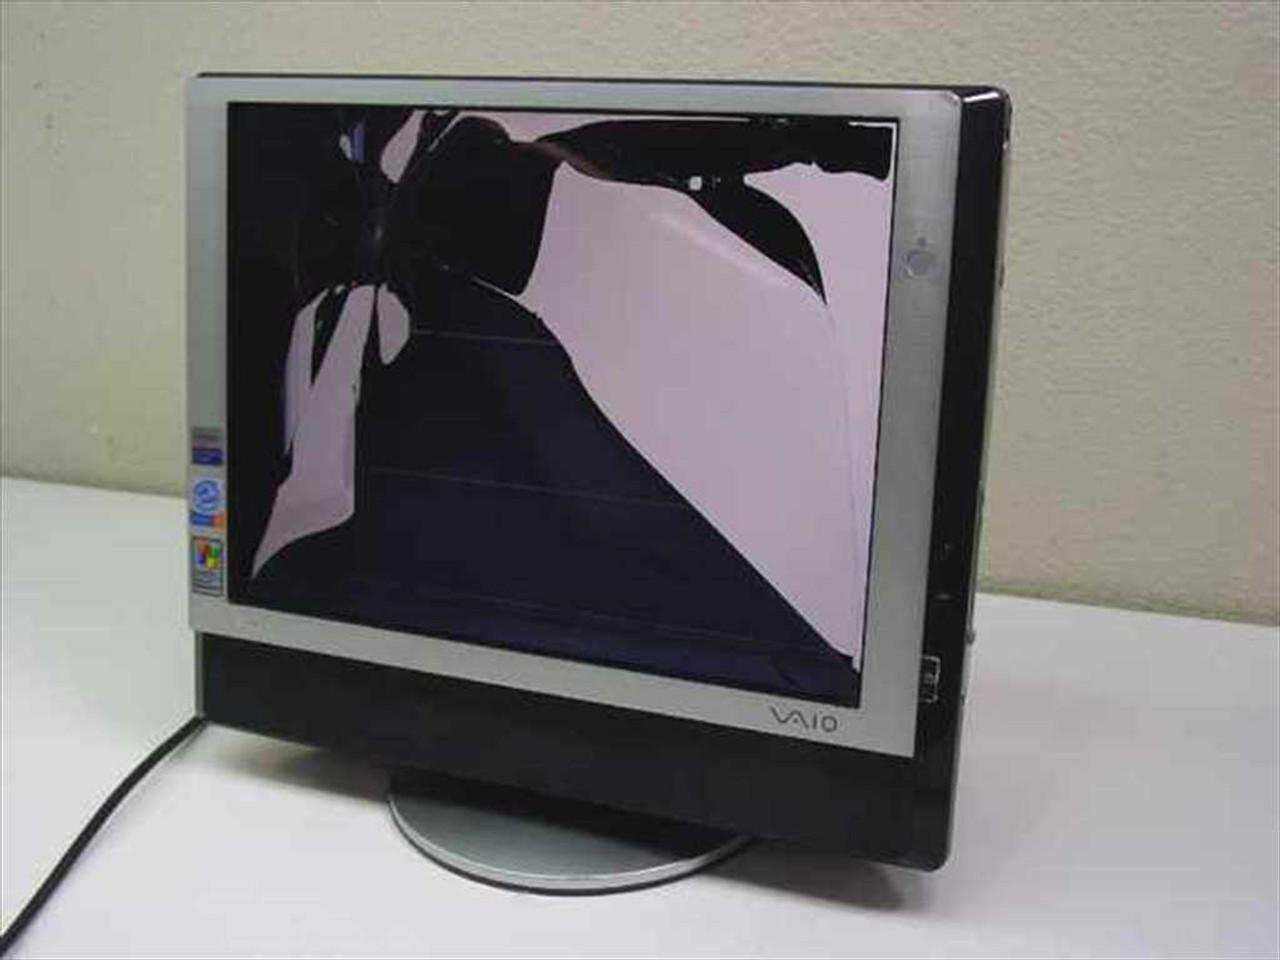 Sony PCV-V300G VAIO 15